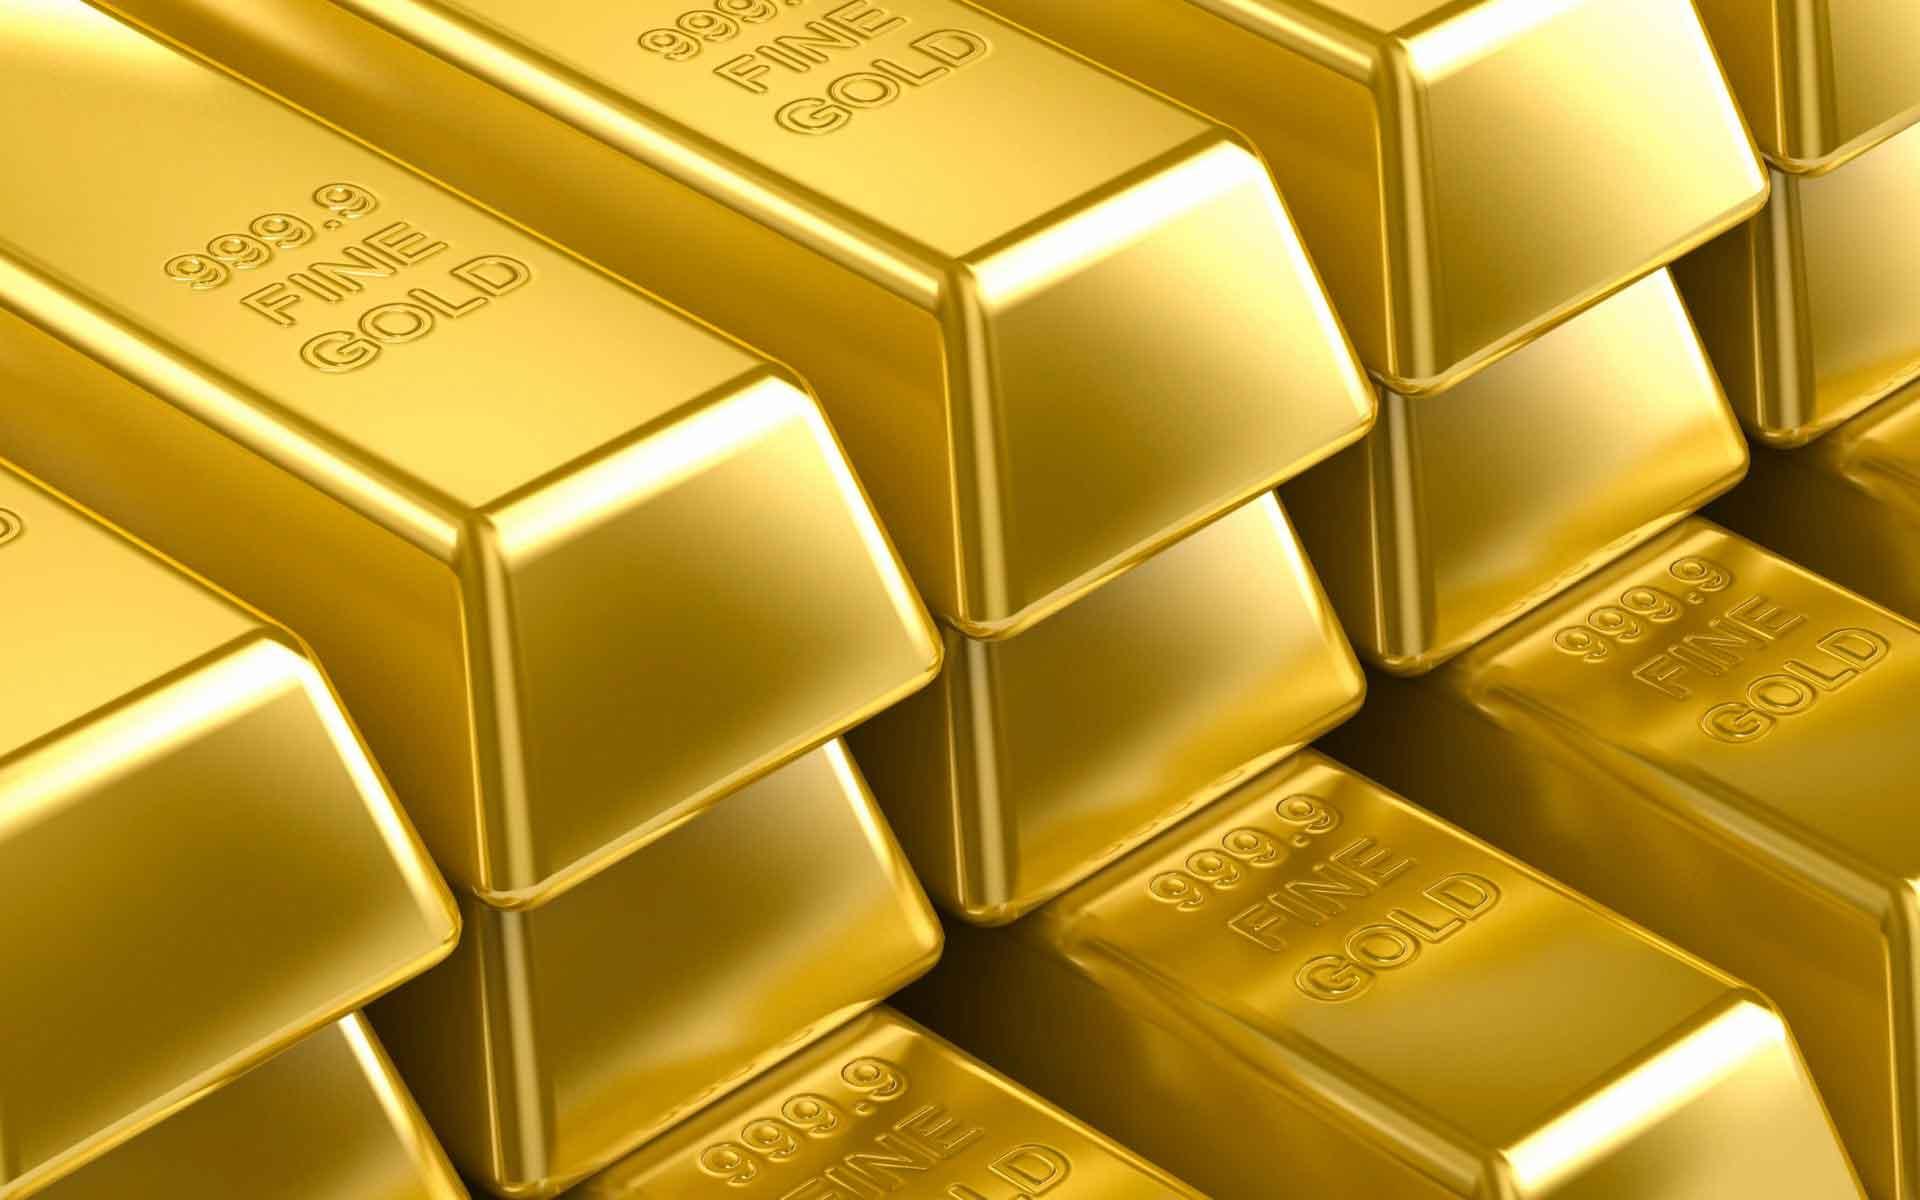 Rüyada altın görmek 4